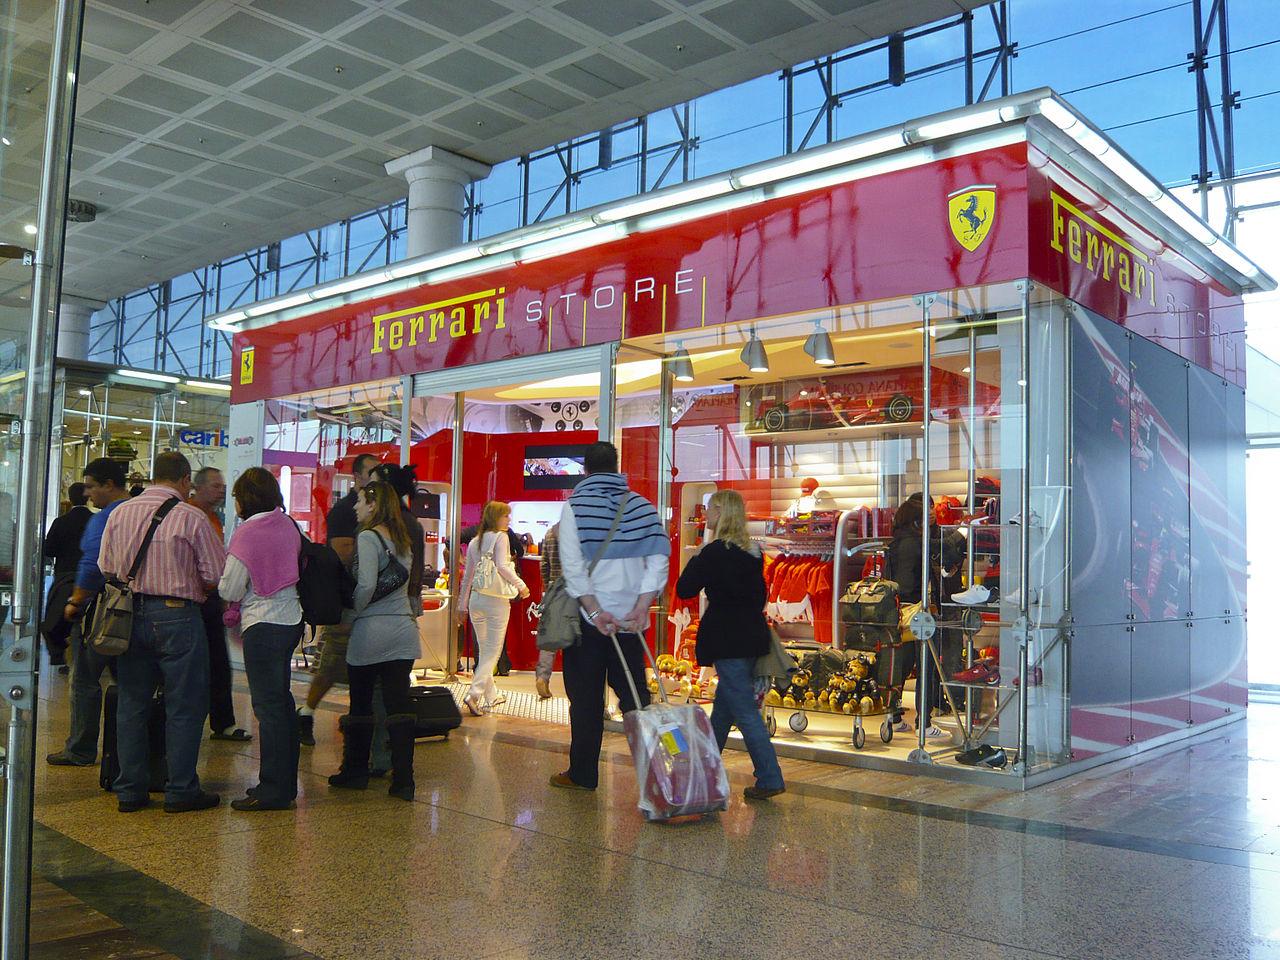 Instalaciones - Aeropuerto de Barcelona-El Prat - Aeropuertos.Net